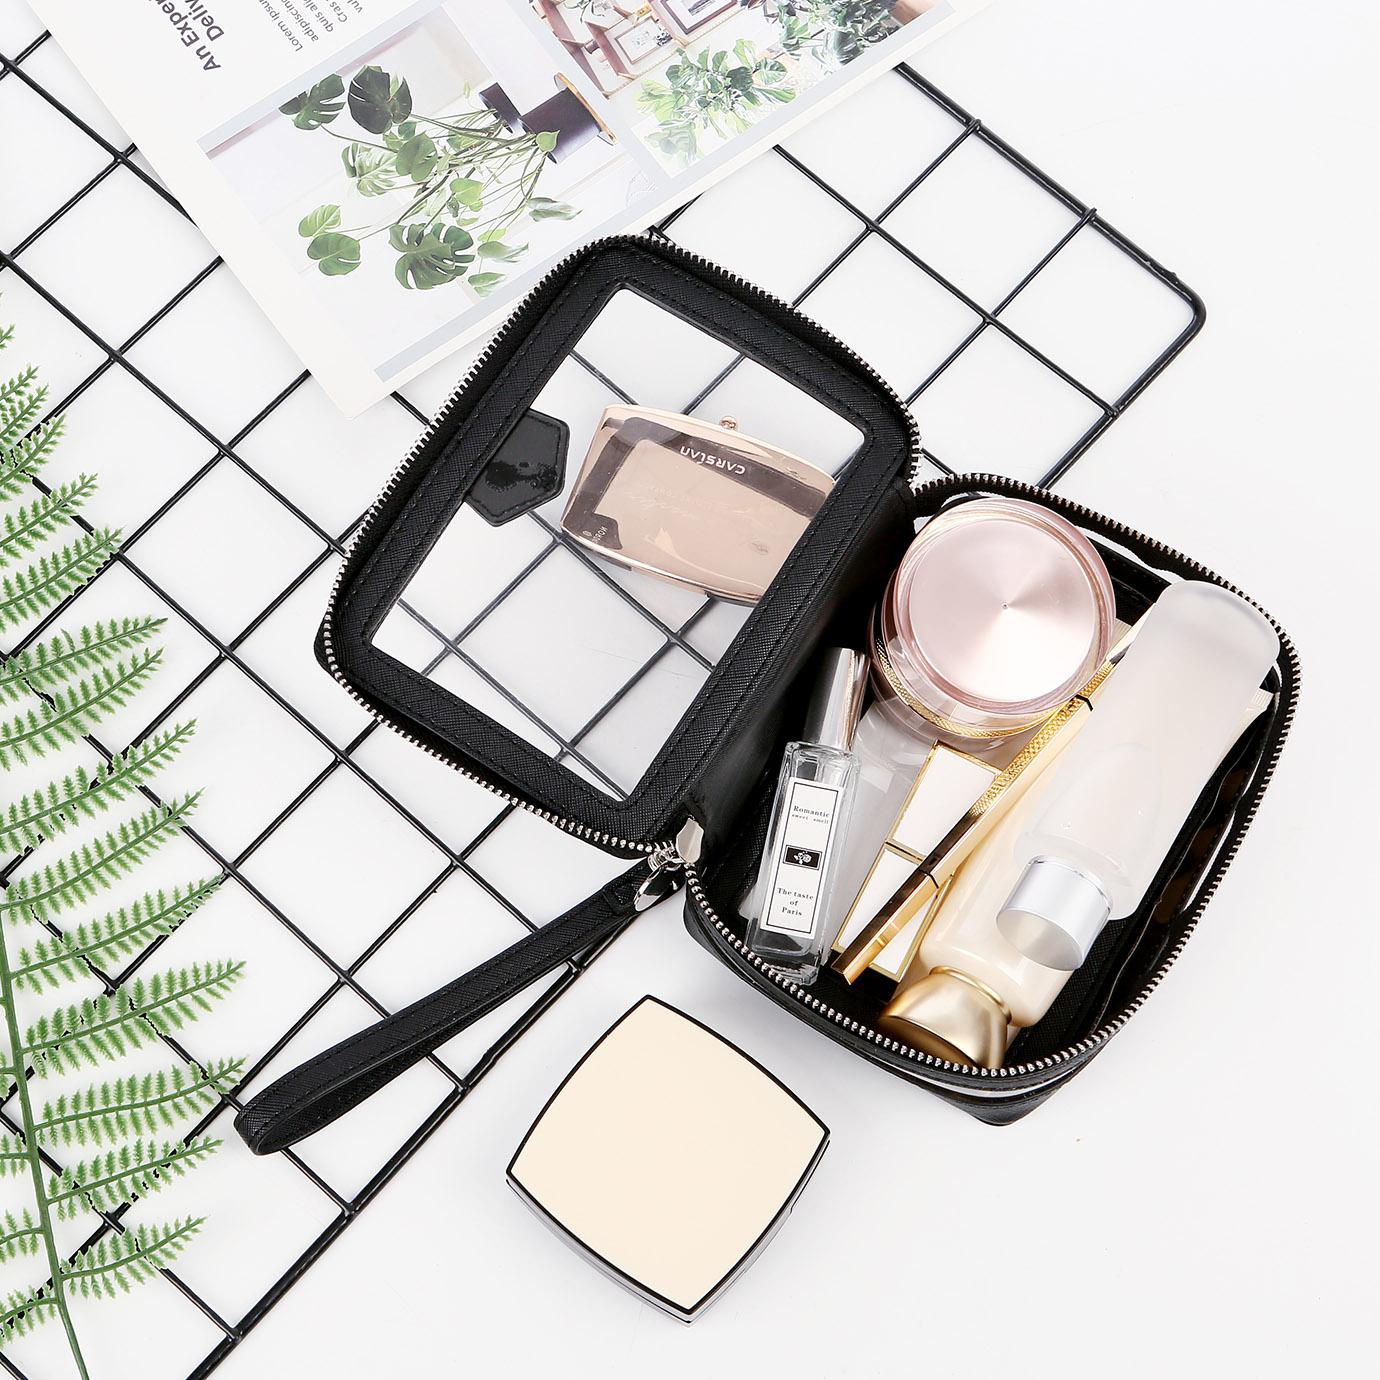 Nordace Gisborne – Organizer da Viaggio Trasparente per cosmetici (Bundle Special)